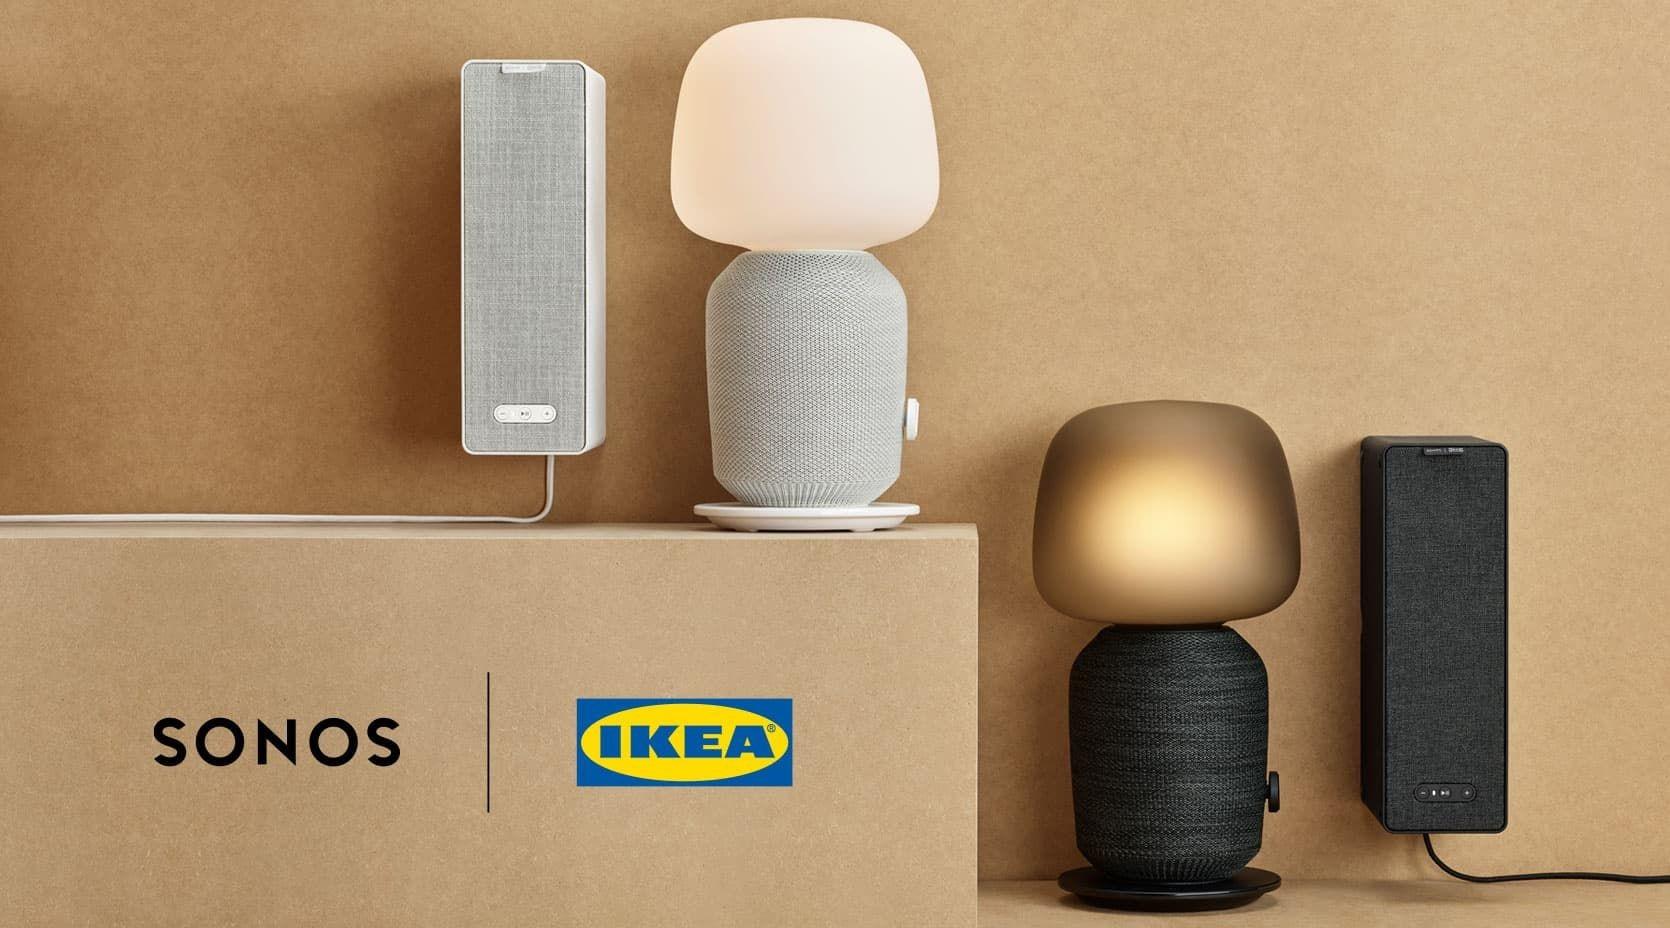 IKEA×Sonosのコラボスピーカー【SYMFONISK】が、お家時間をリッチにしてくれる。